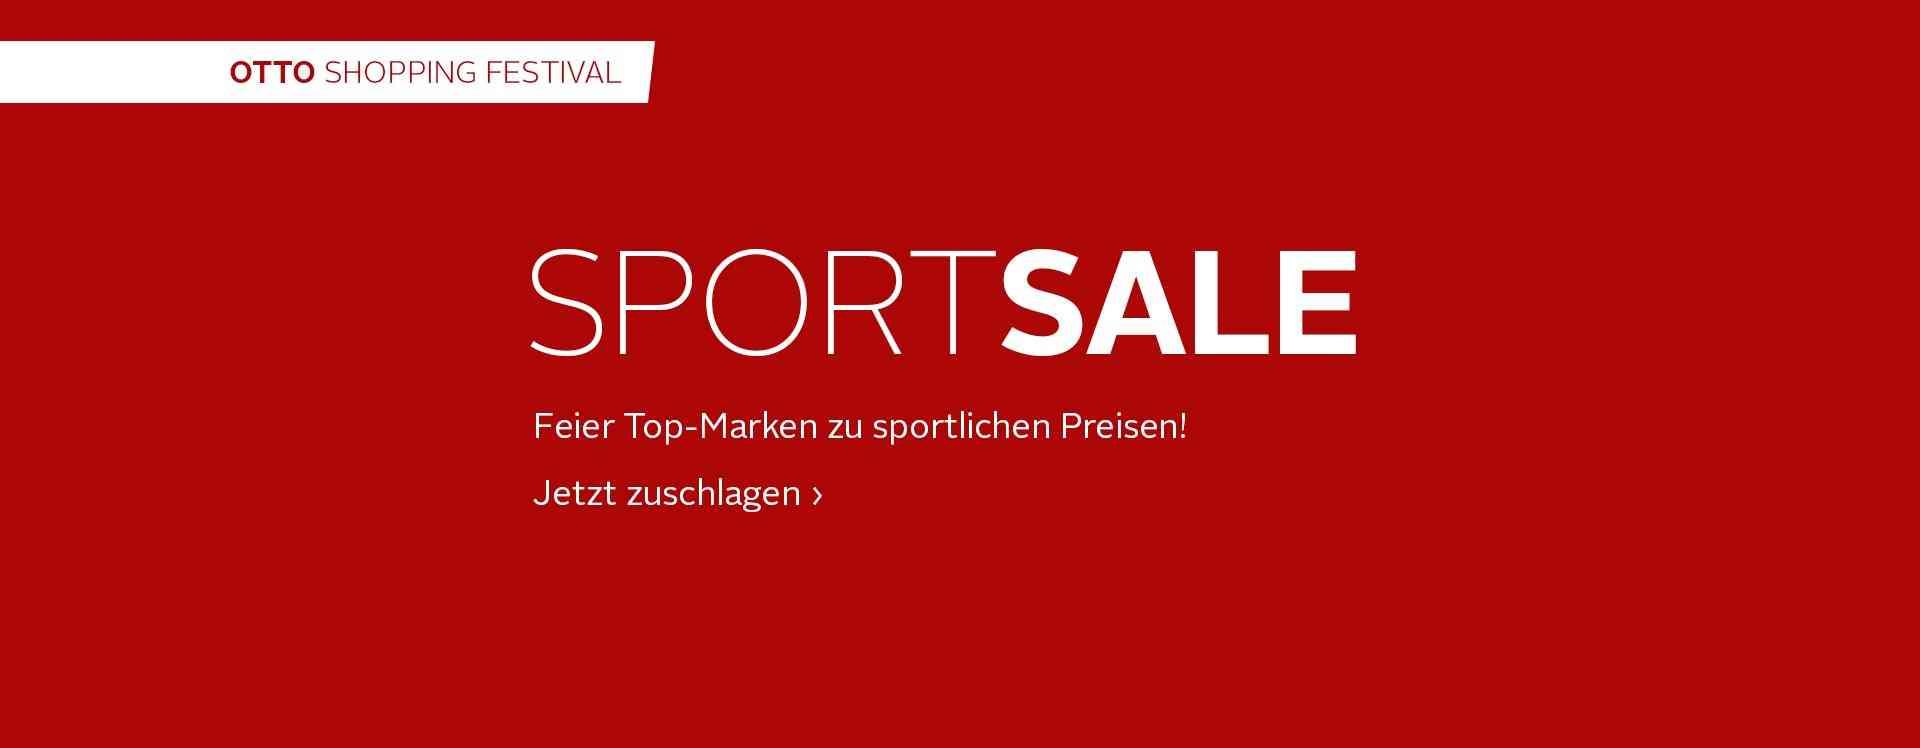 Sport-Sale: Reduzierte Sportmode und Sportzubehör - jetzt Schnäppchen sichern!